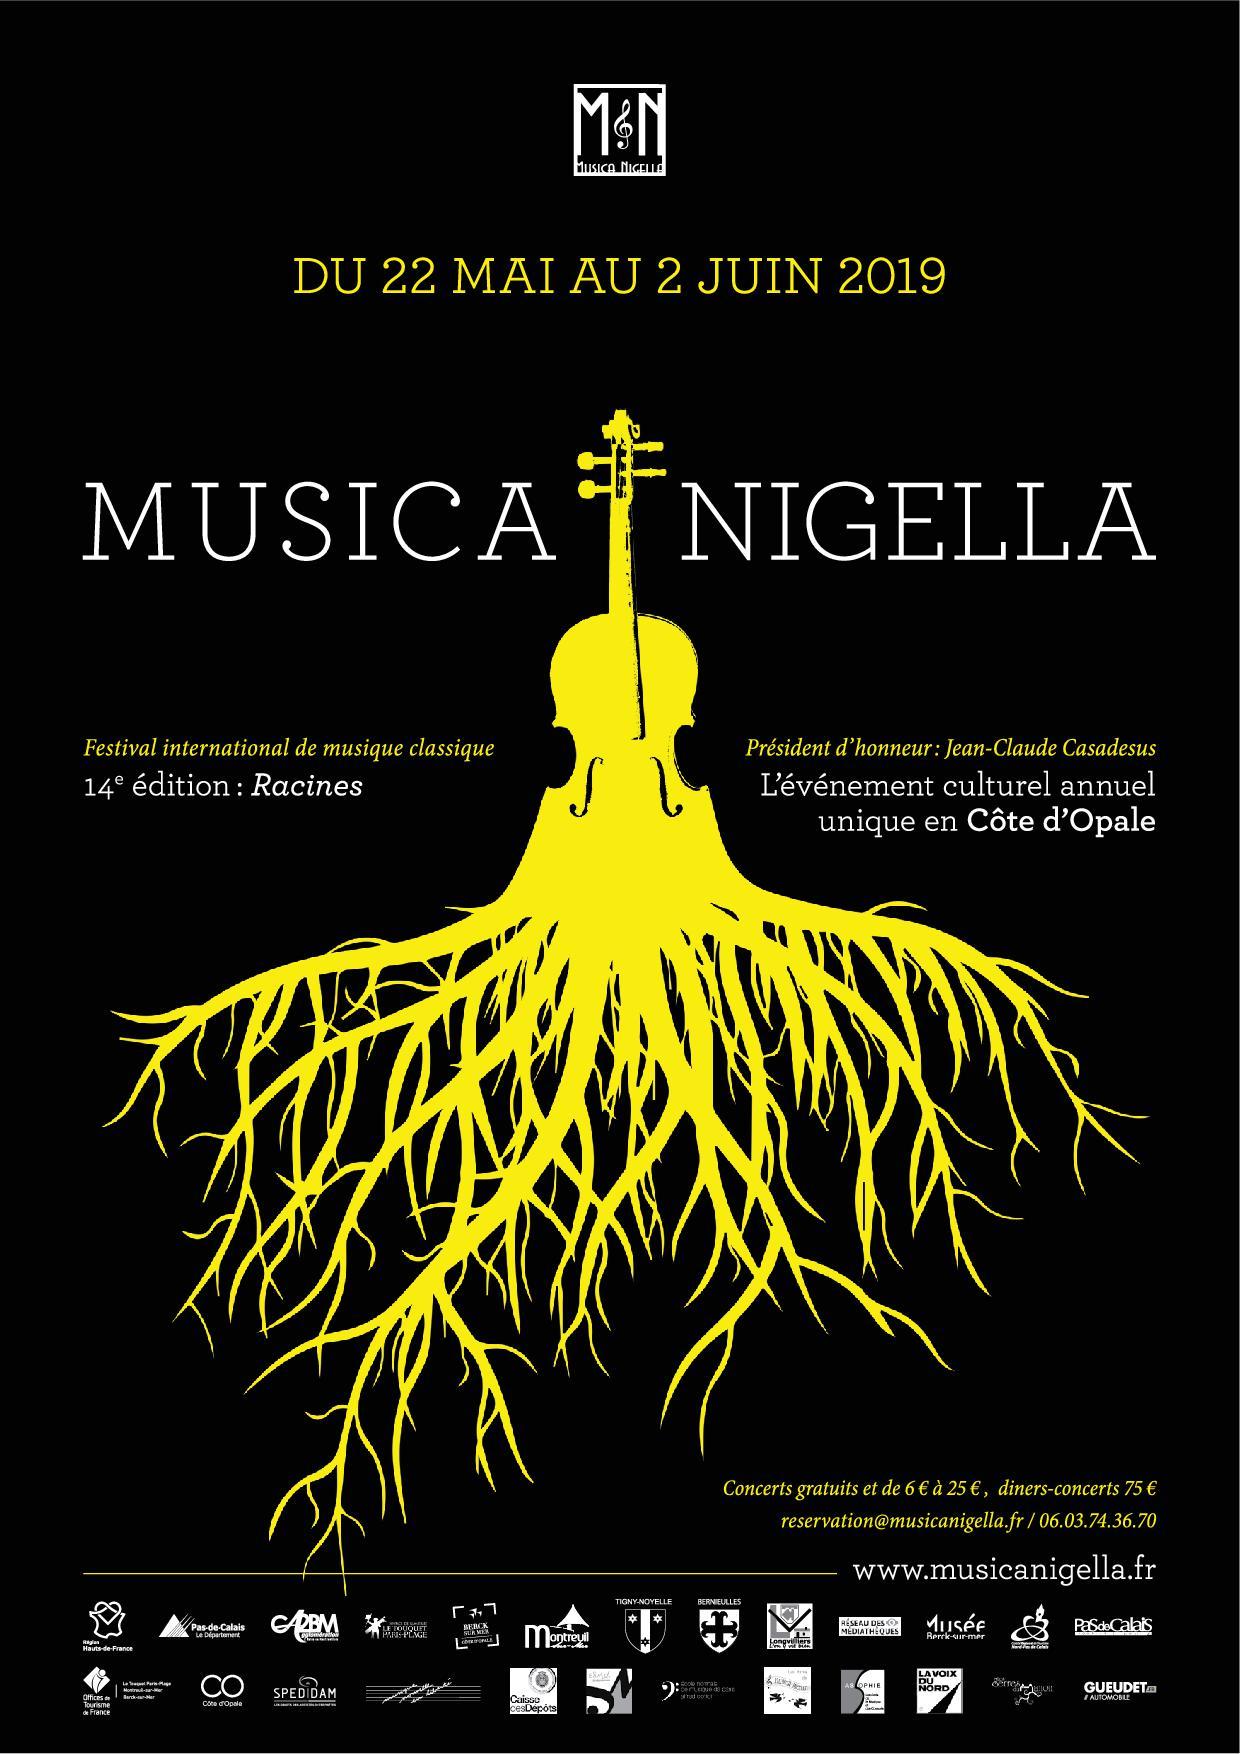 Musica Nigella